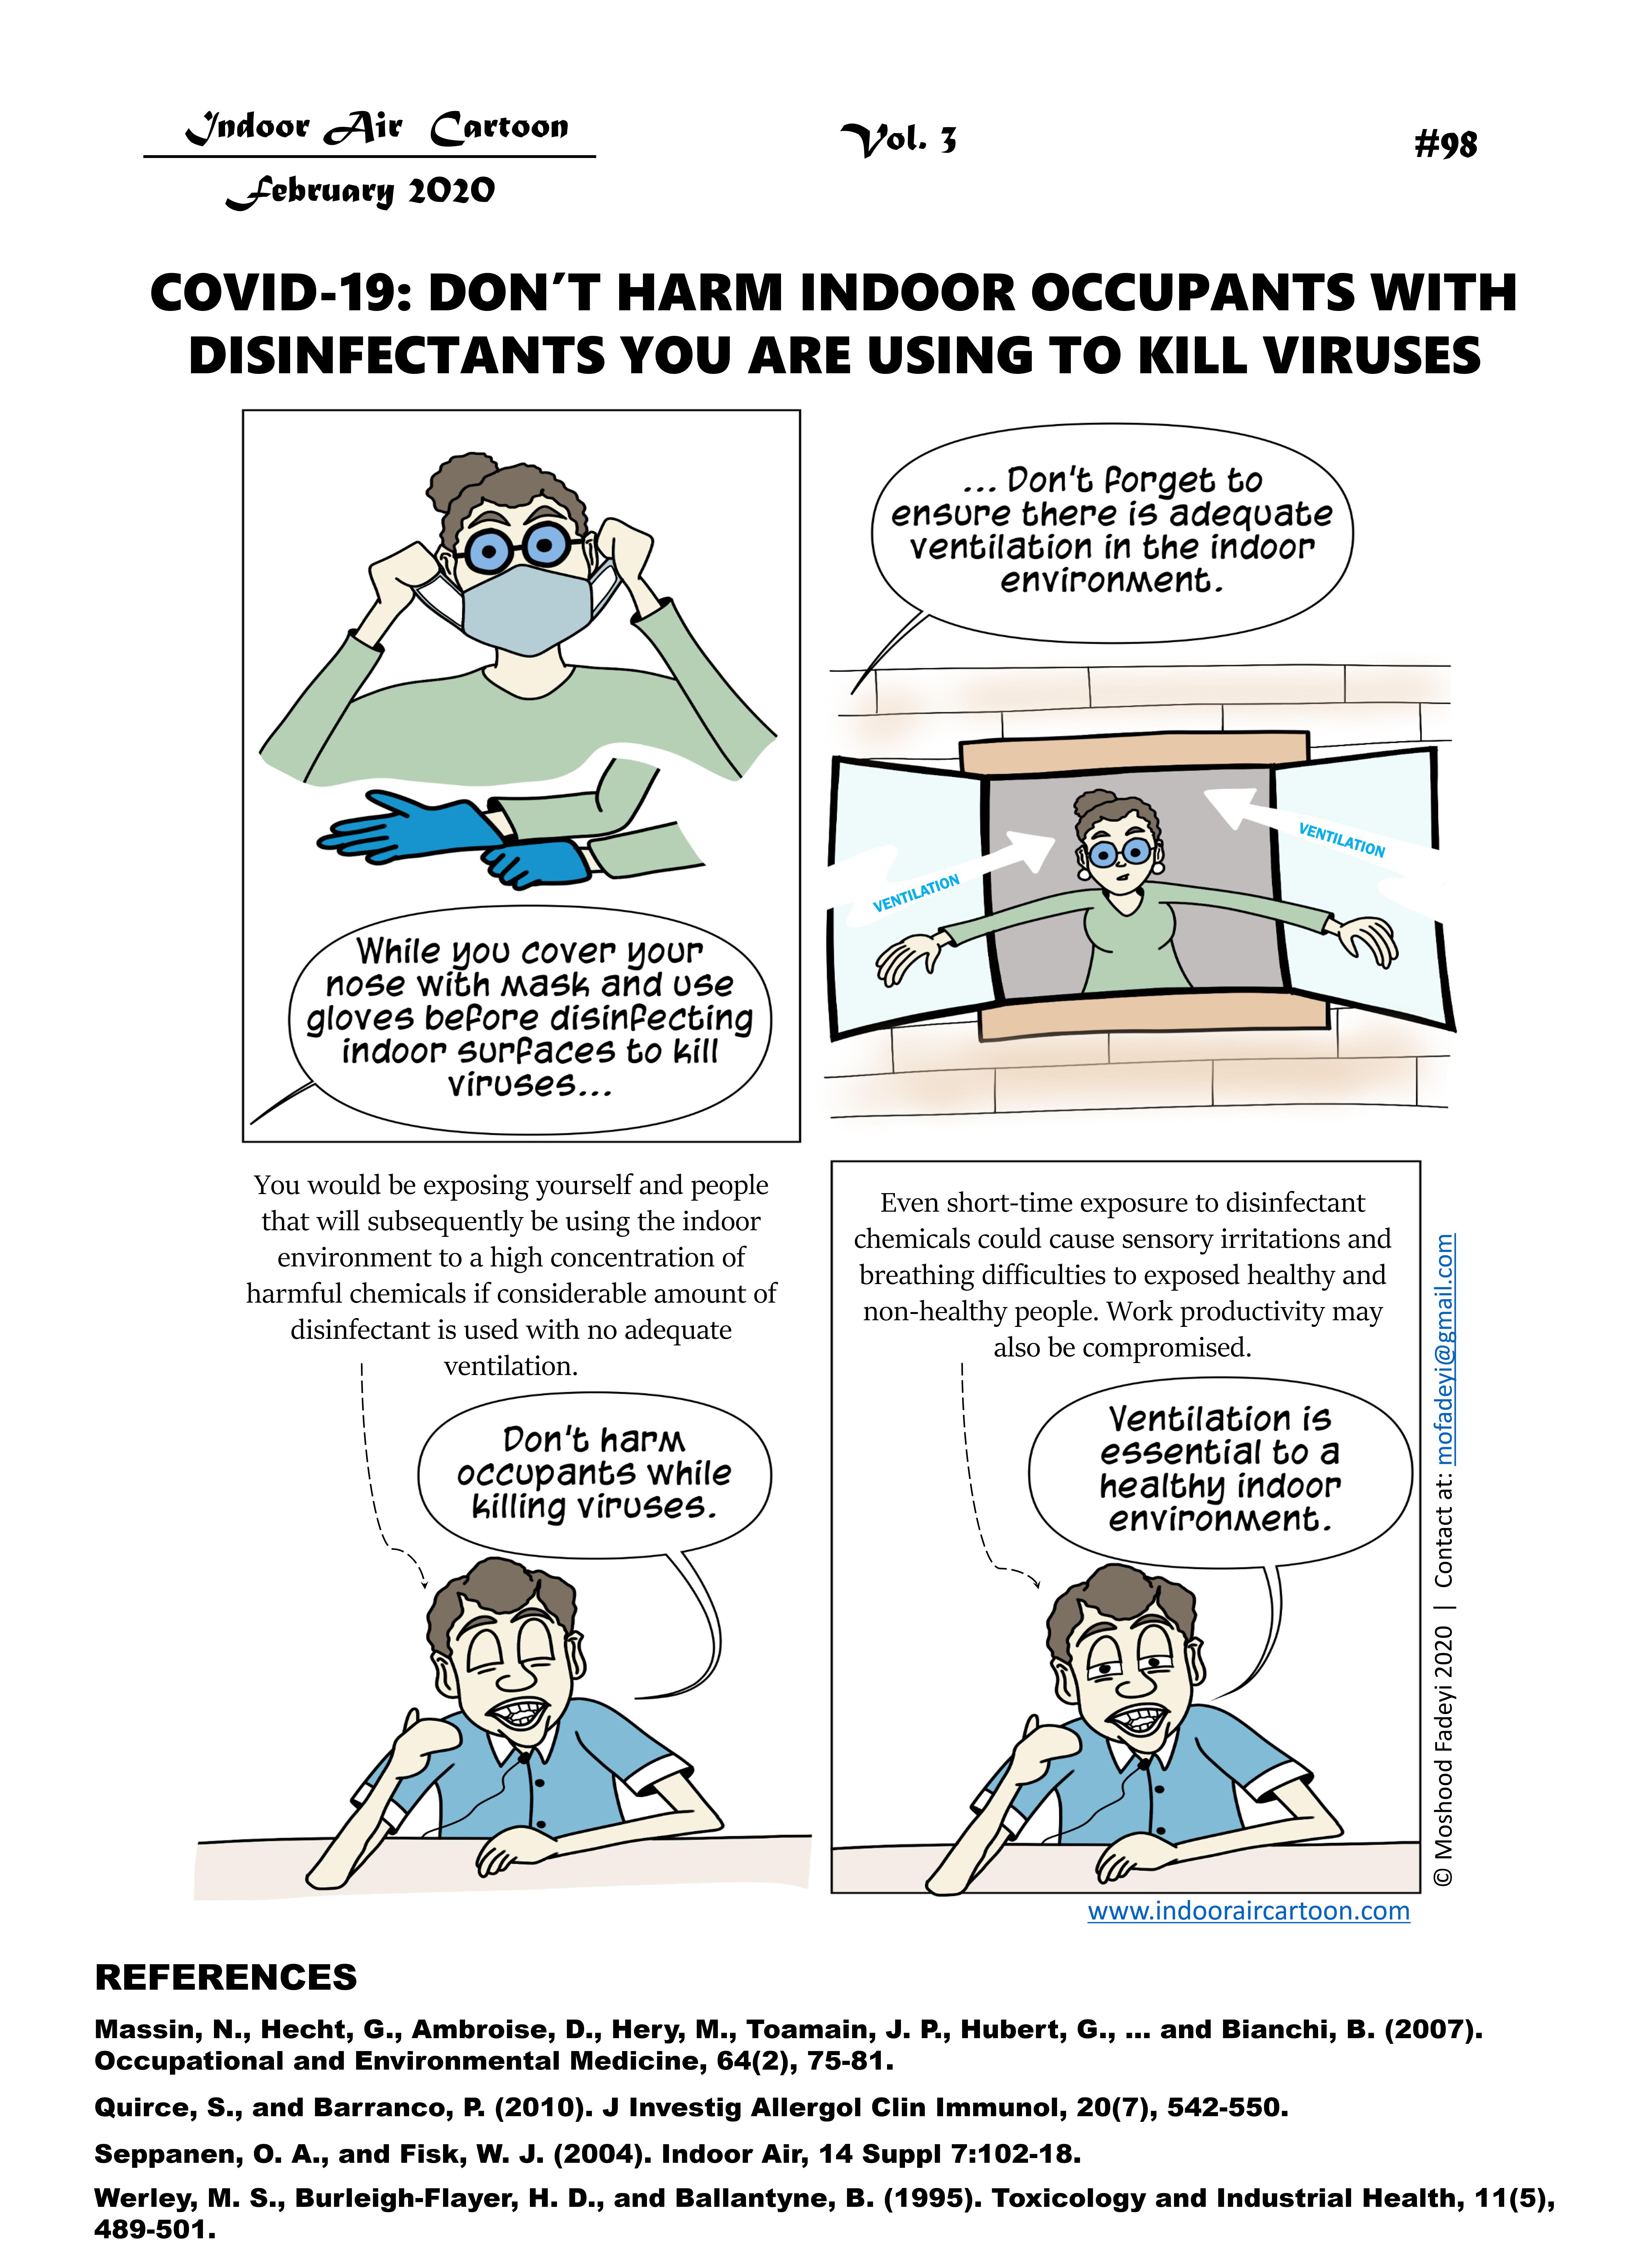 98. Ventilation Disinfectant_98